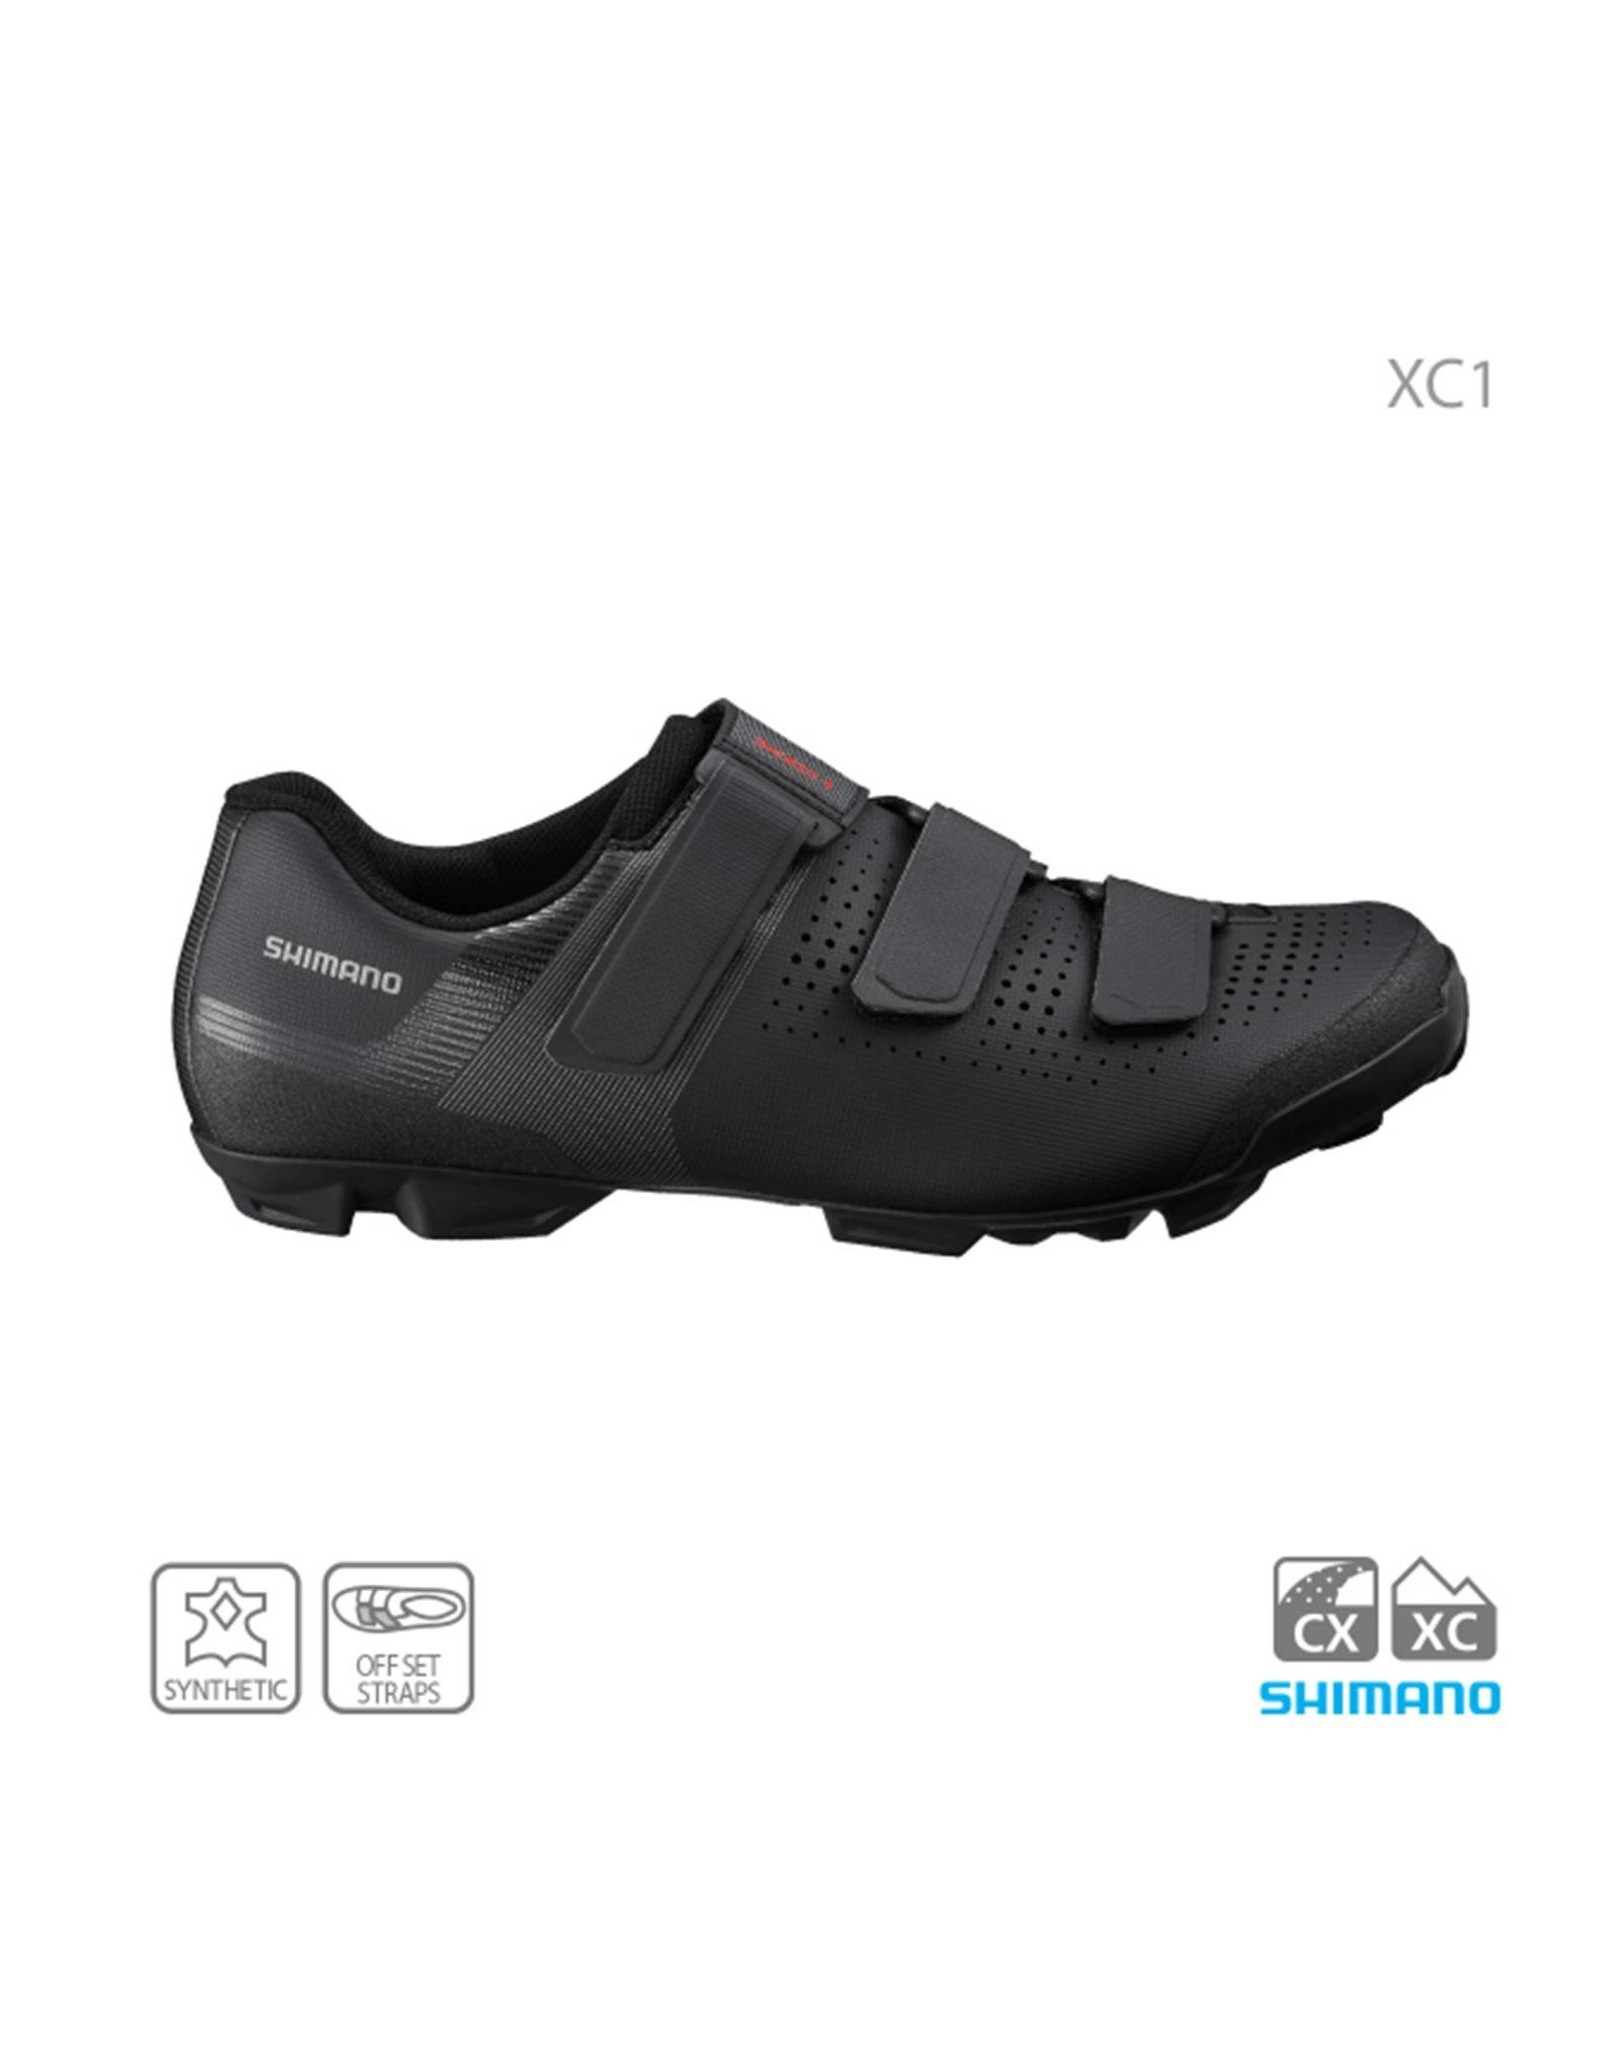 Shimano XC-100 Mountainbike Shoe MY21